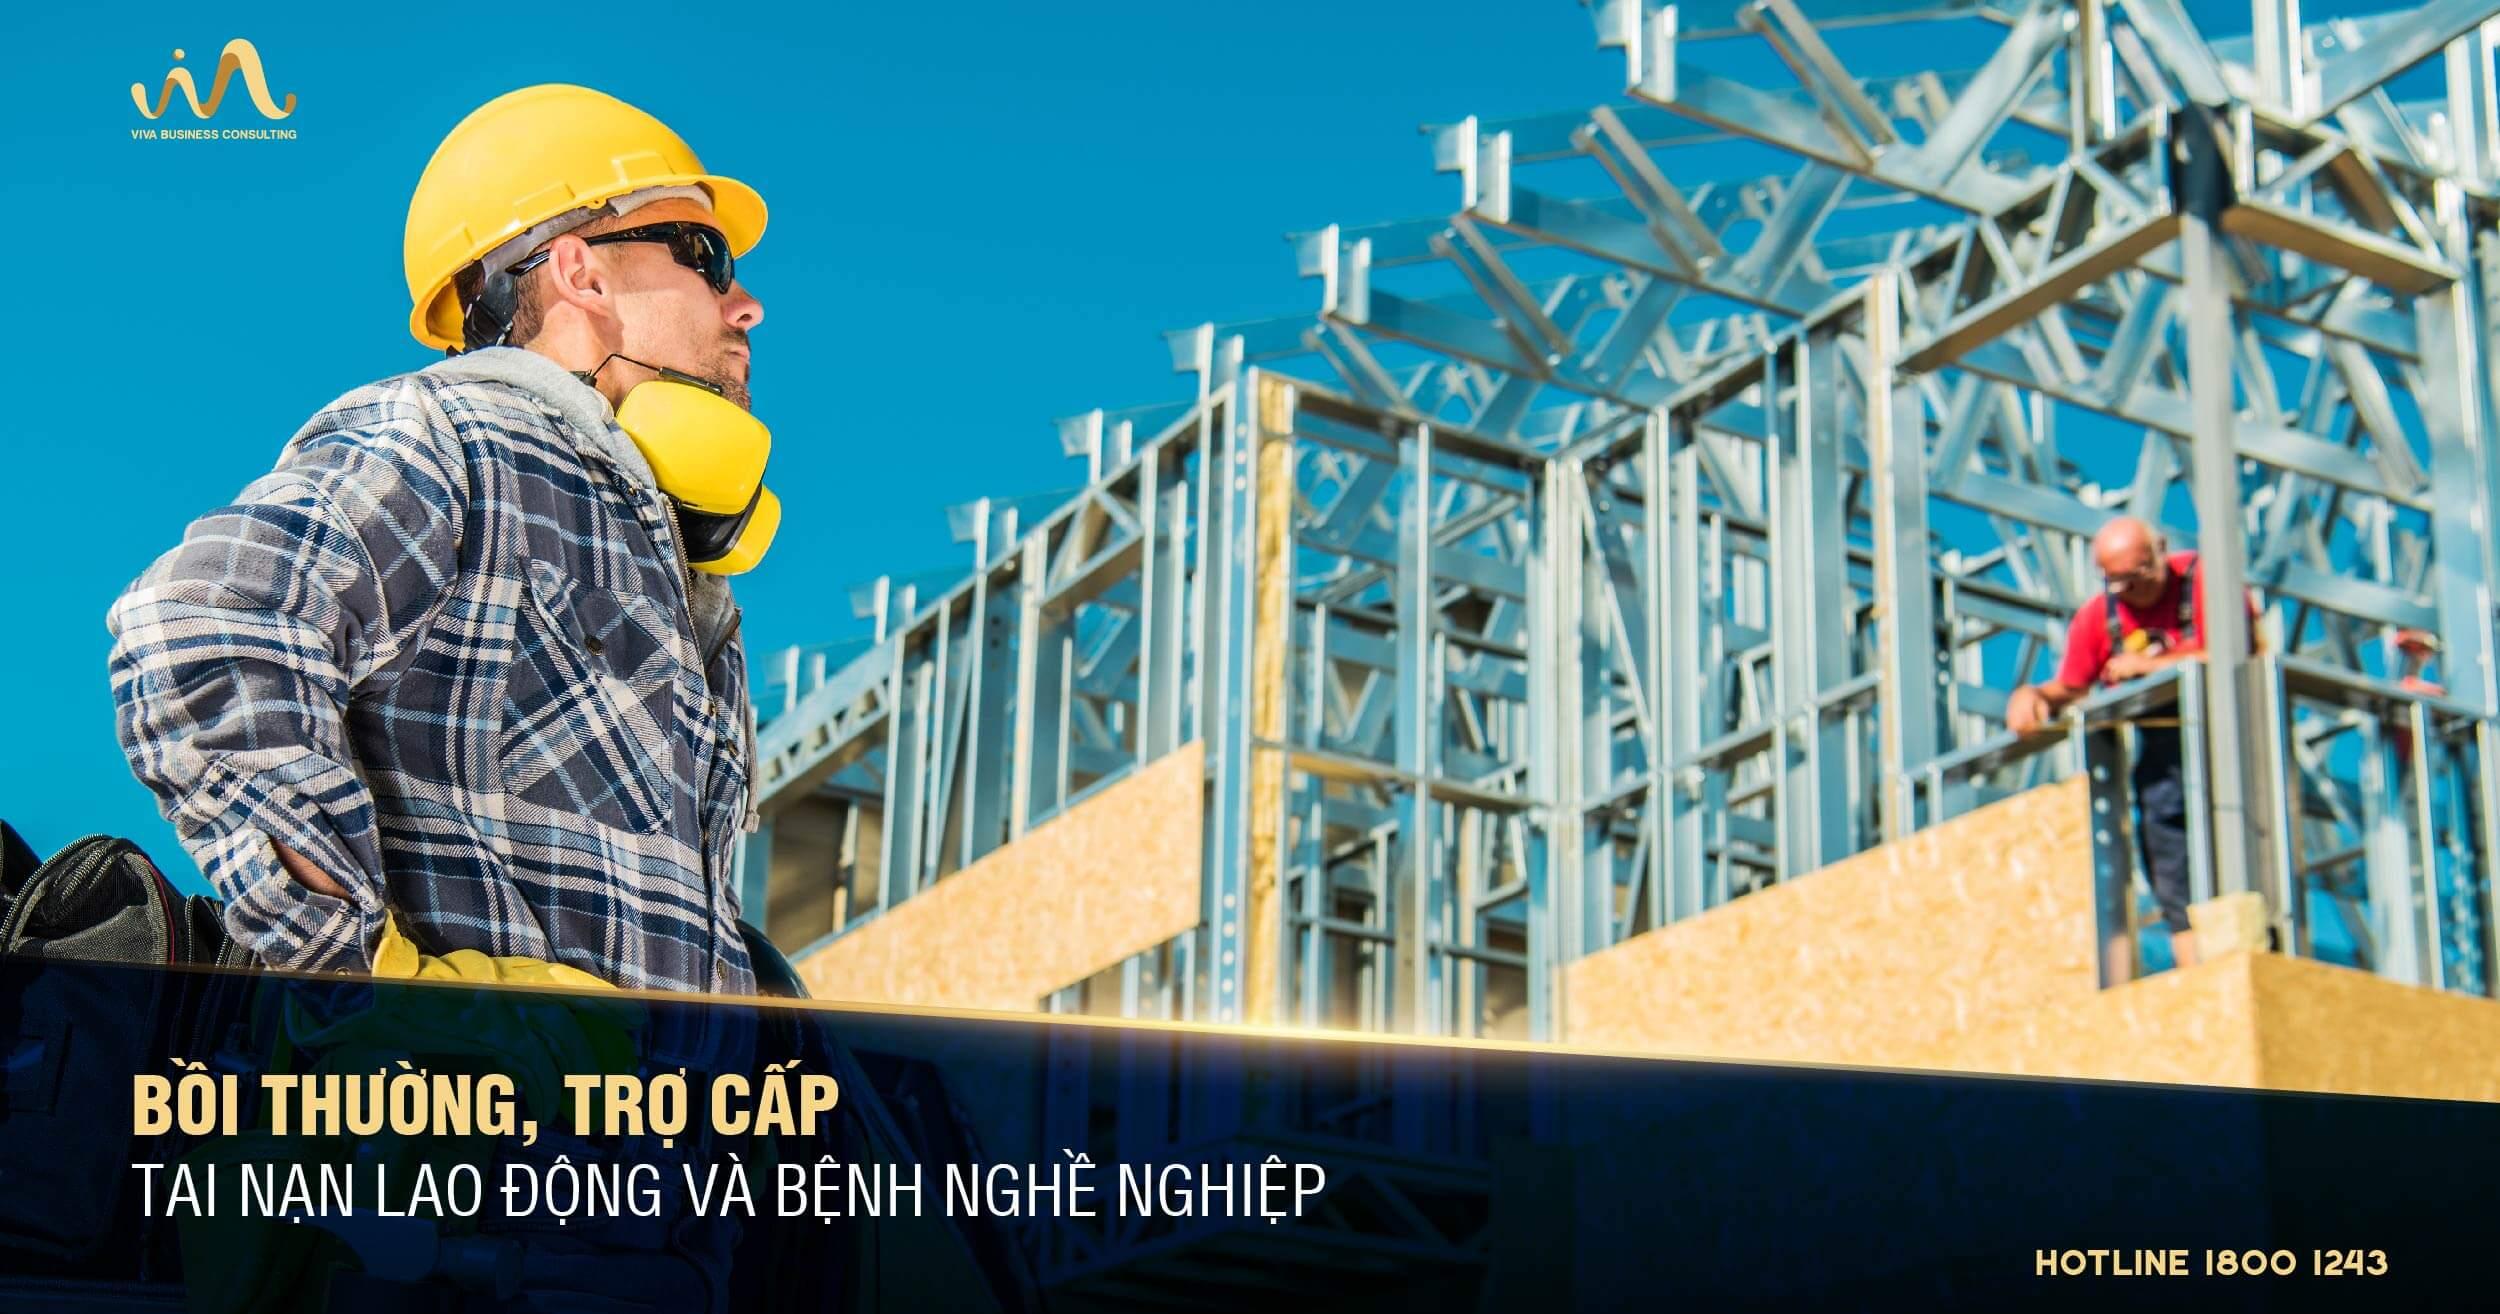 Quy định pháp luật về trợ cấp, bồi thường tai nạn lao động